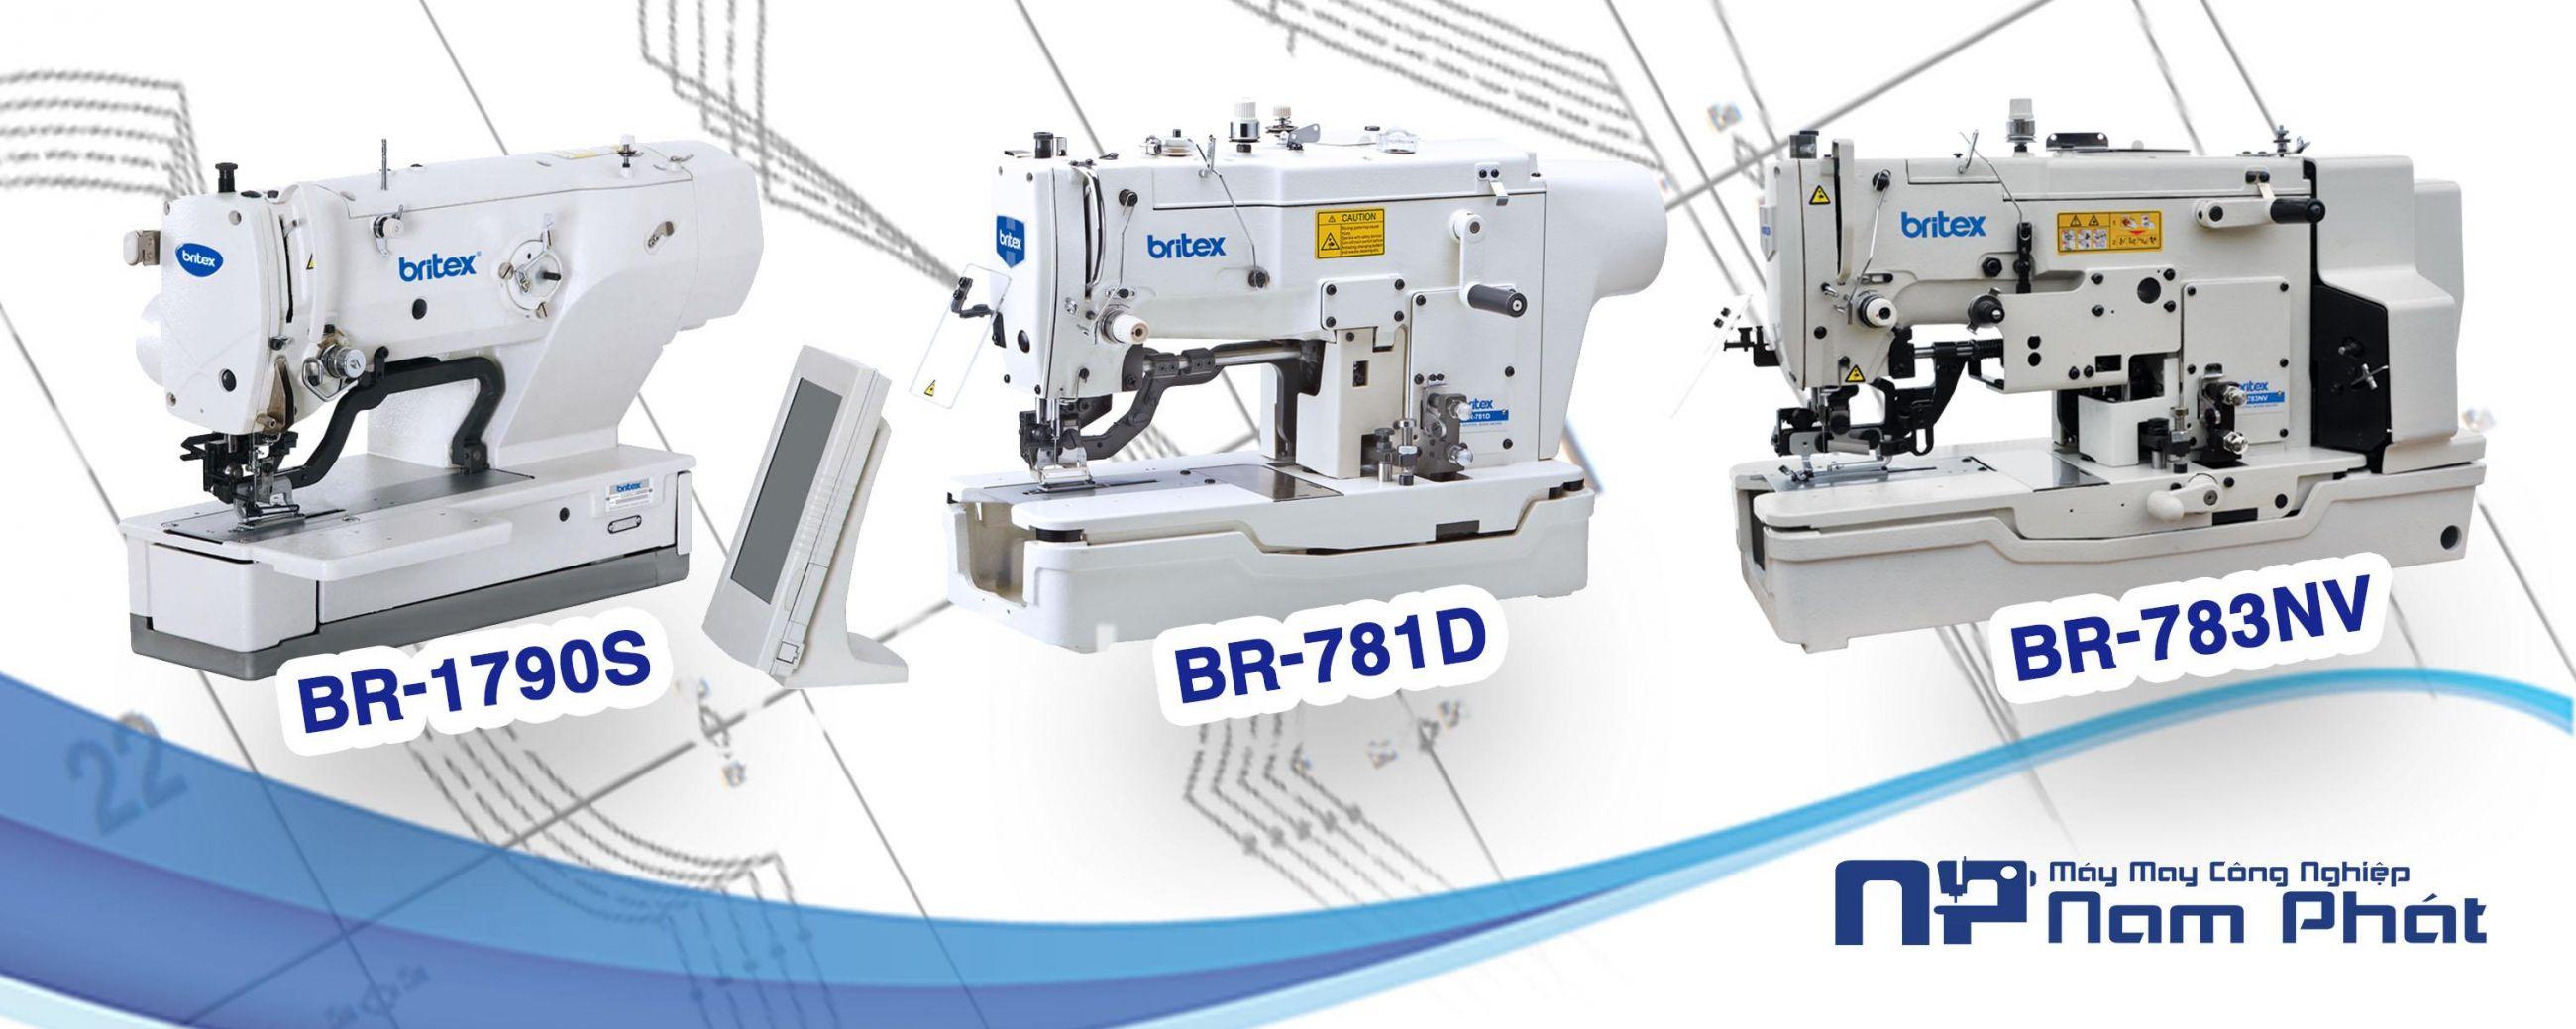 Máy Khuy Điện tử BR-1790S - liền trục BR-781D